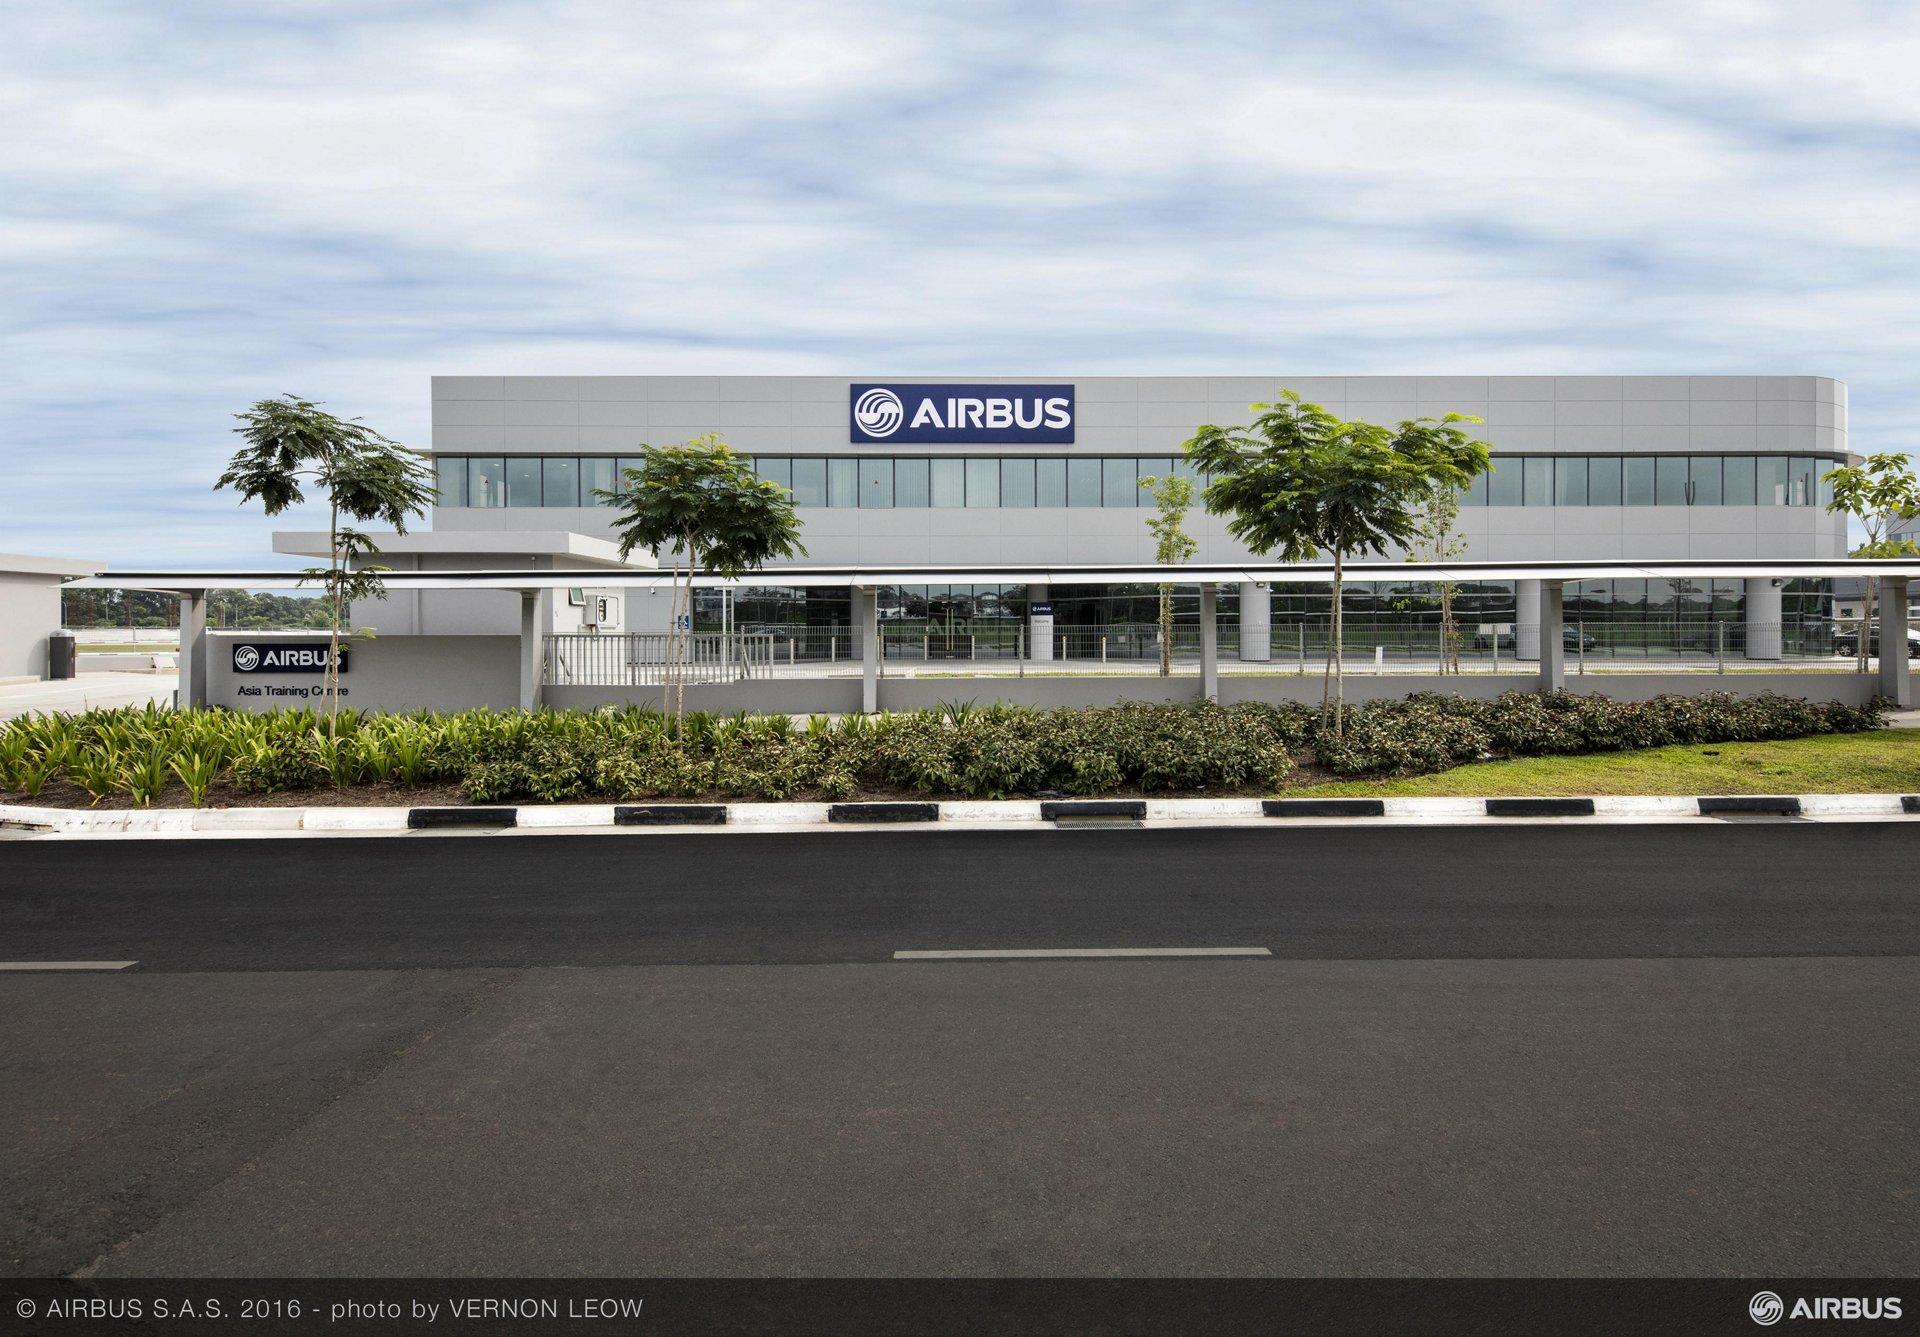 Airbus Asia Training Centre in Singapore